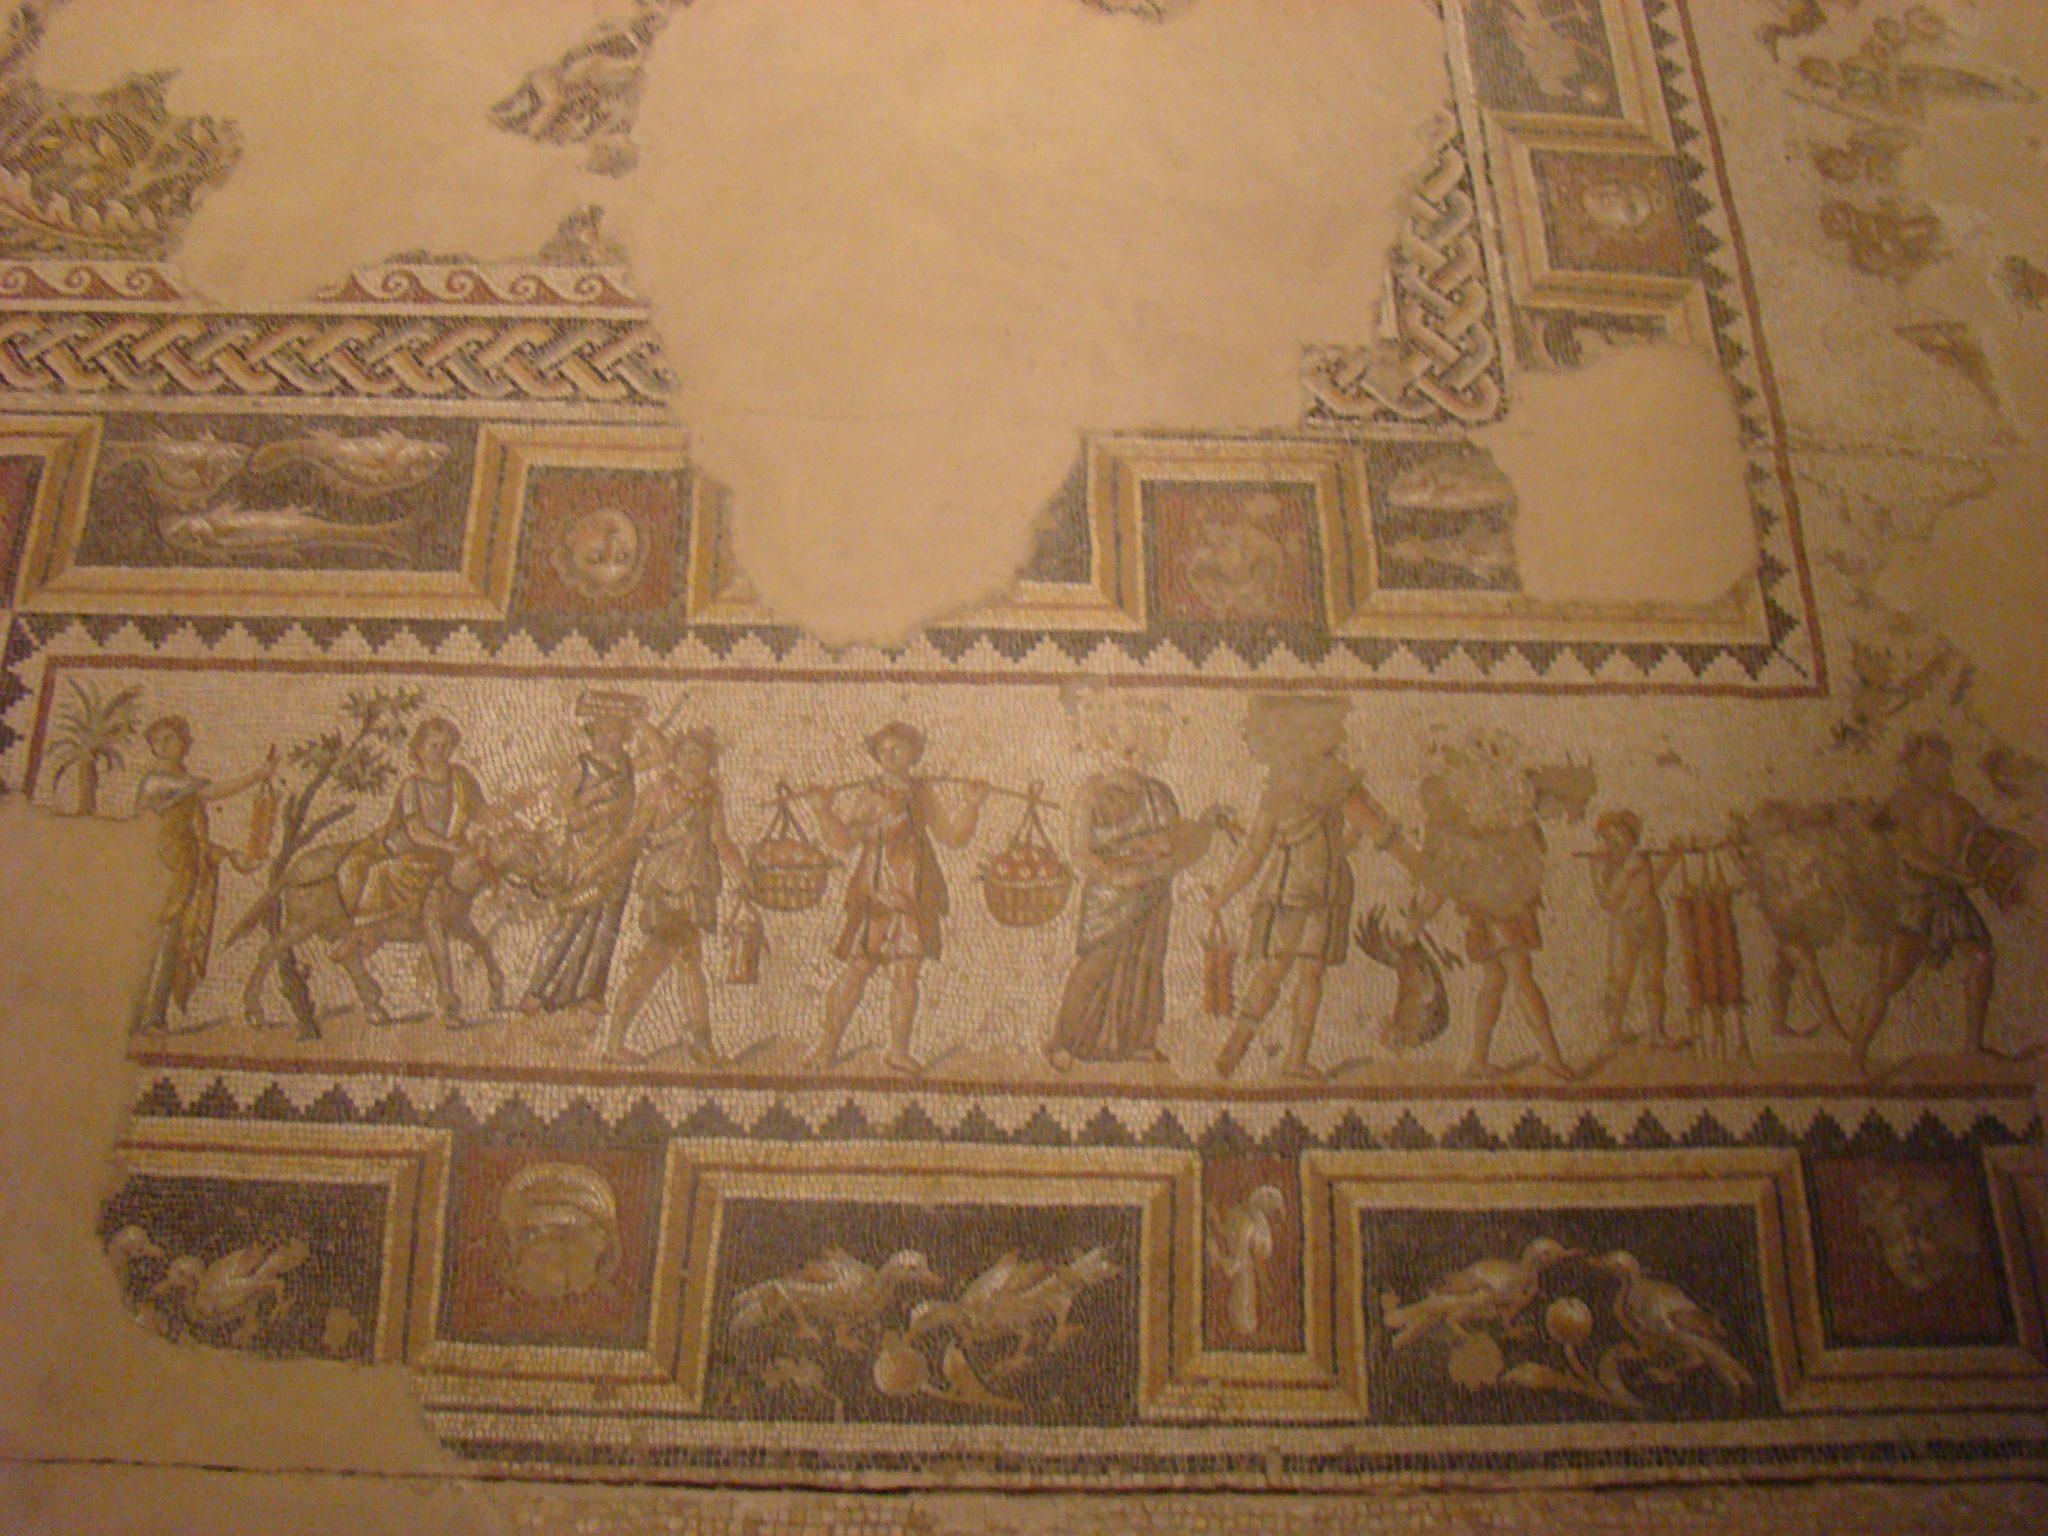 """תהלוכת חגיגות דיוניסוס, פסיפס בית חג הנילוס בגן לאומי ציפורי (צילום: ד""""ר ענת אביטל)"""